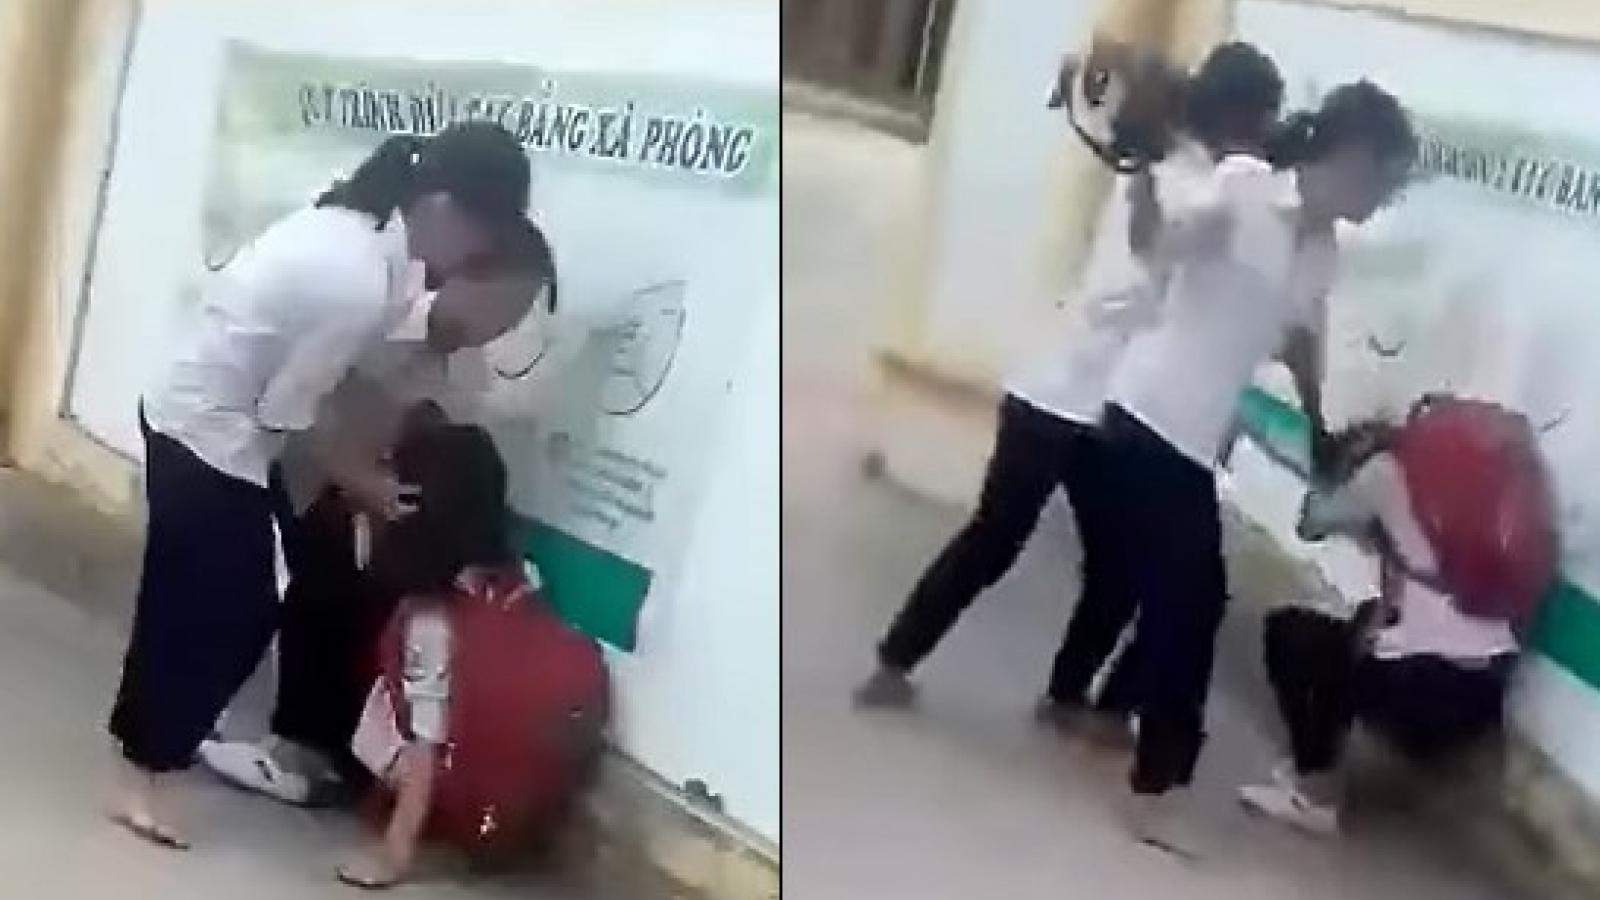 Chê mẫu áo mới quá mỏng, nữ sinh bị nhóm bạn đánh hội đồng ngay trước cổng trường